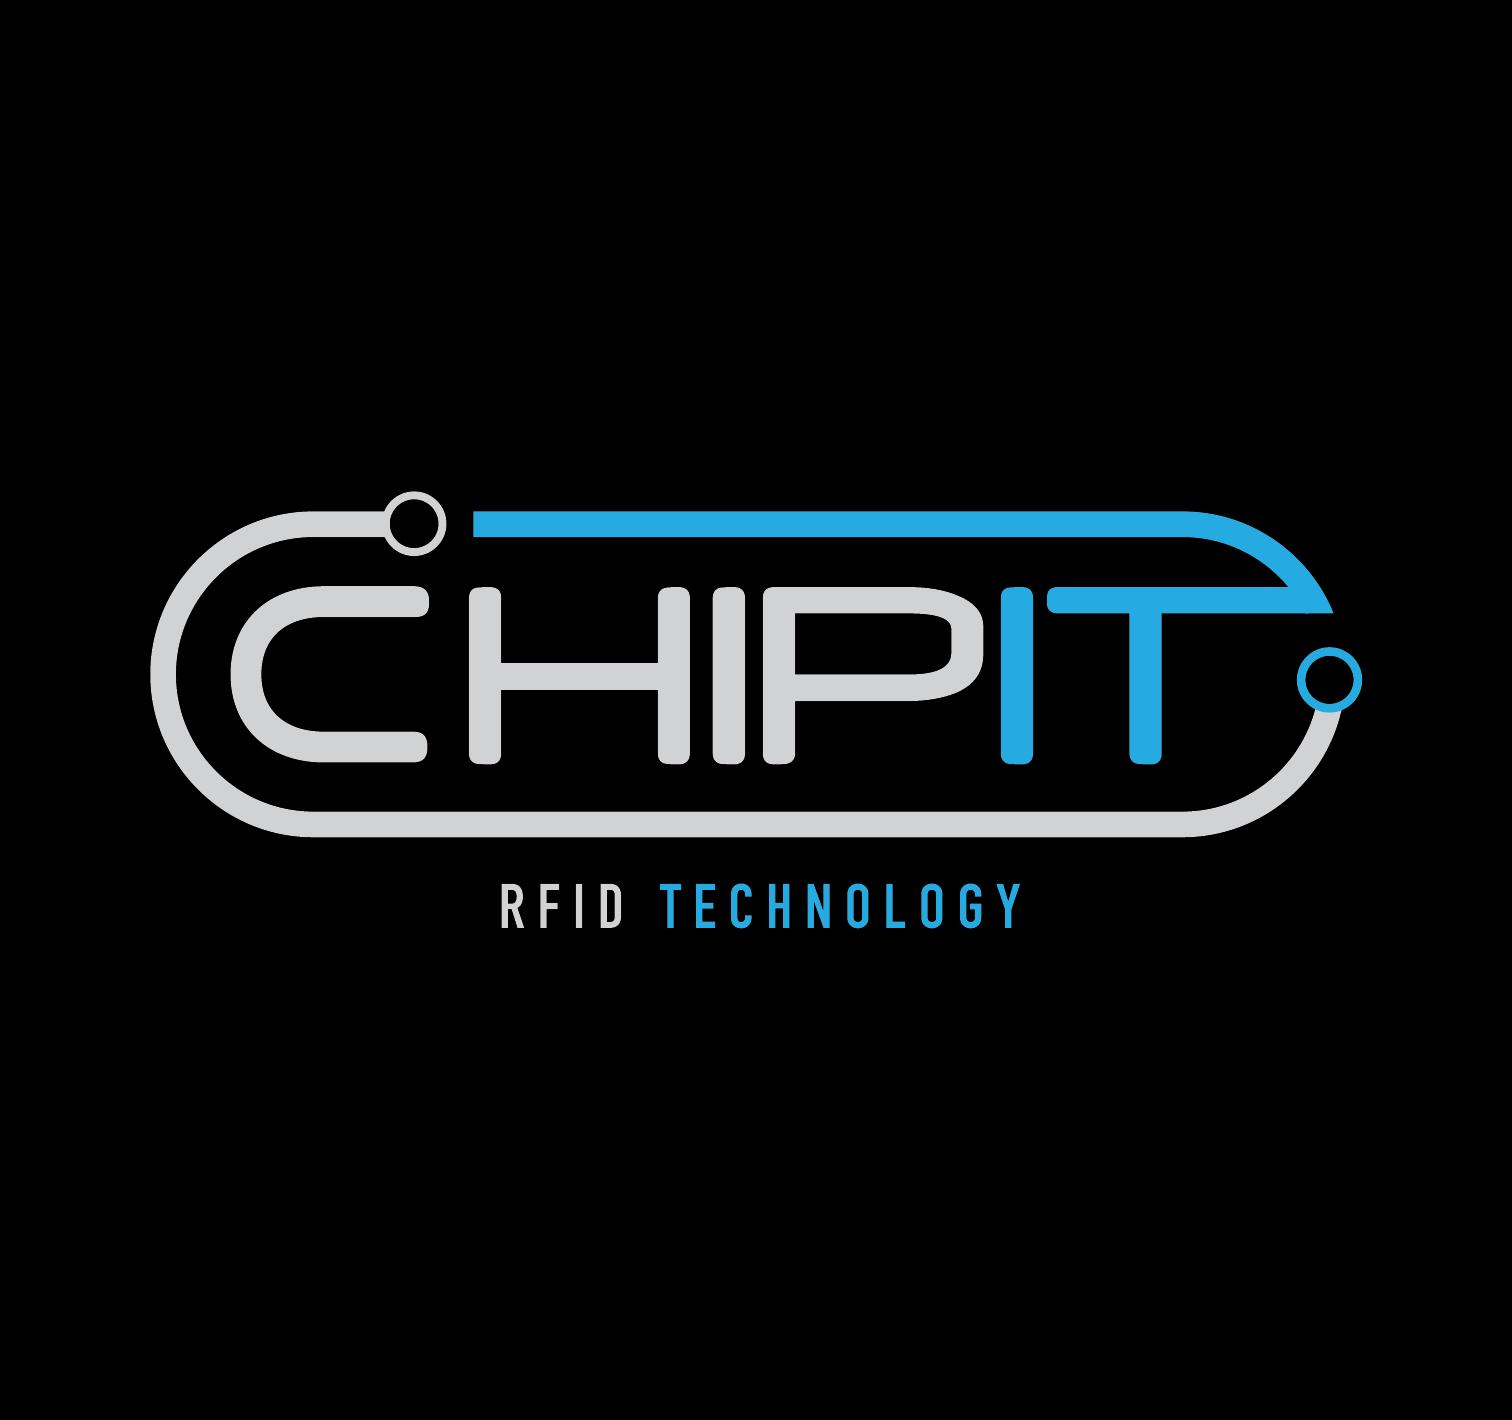 chipblue-onblack